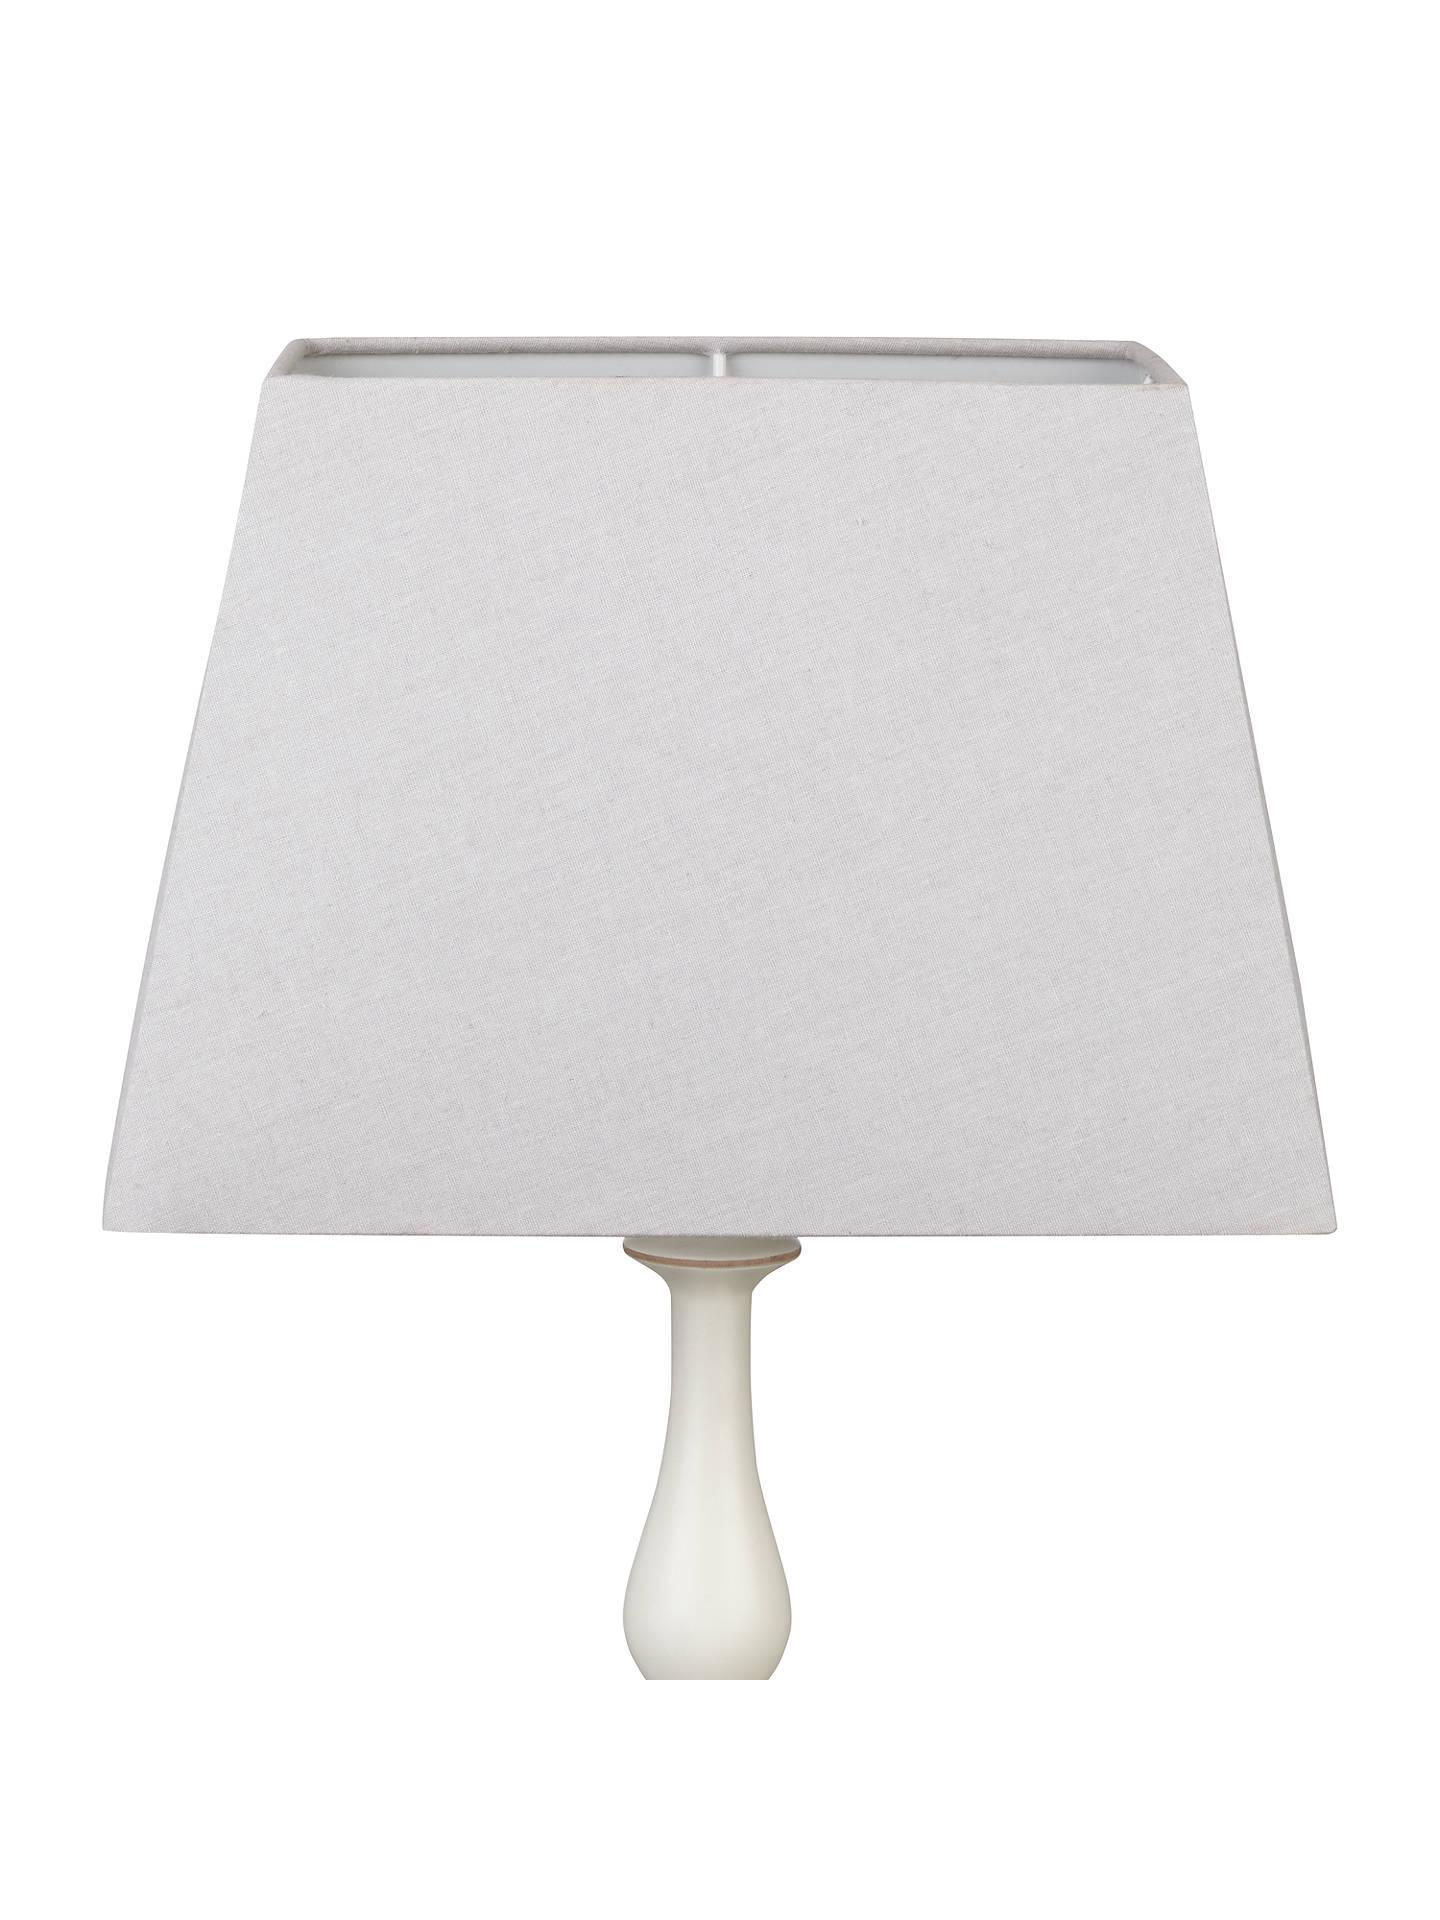 john lewis partners chrissie rectangular lampshade at john lewis